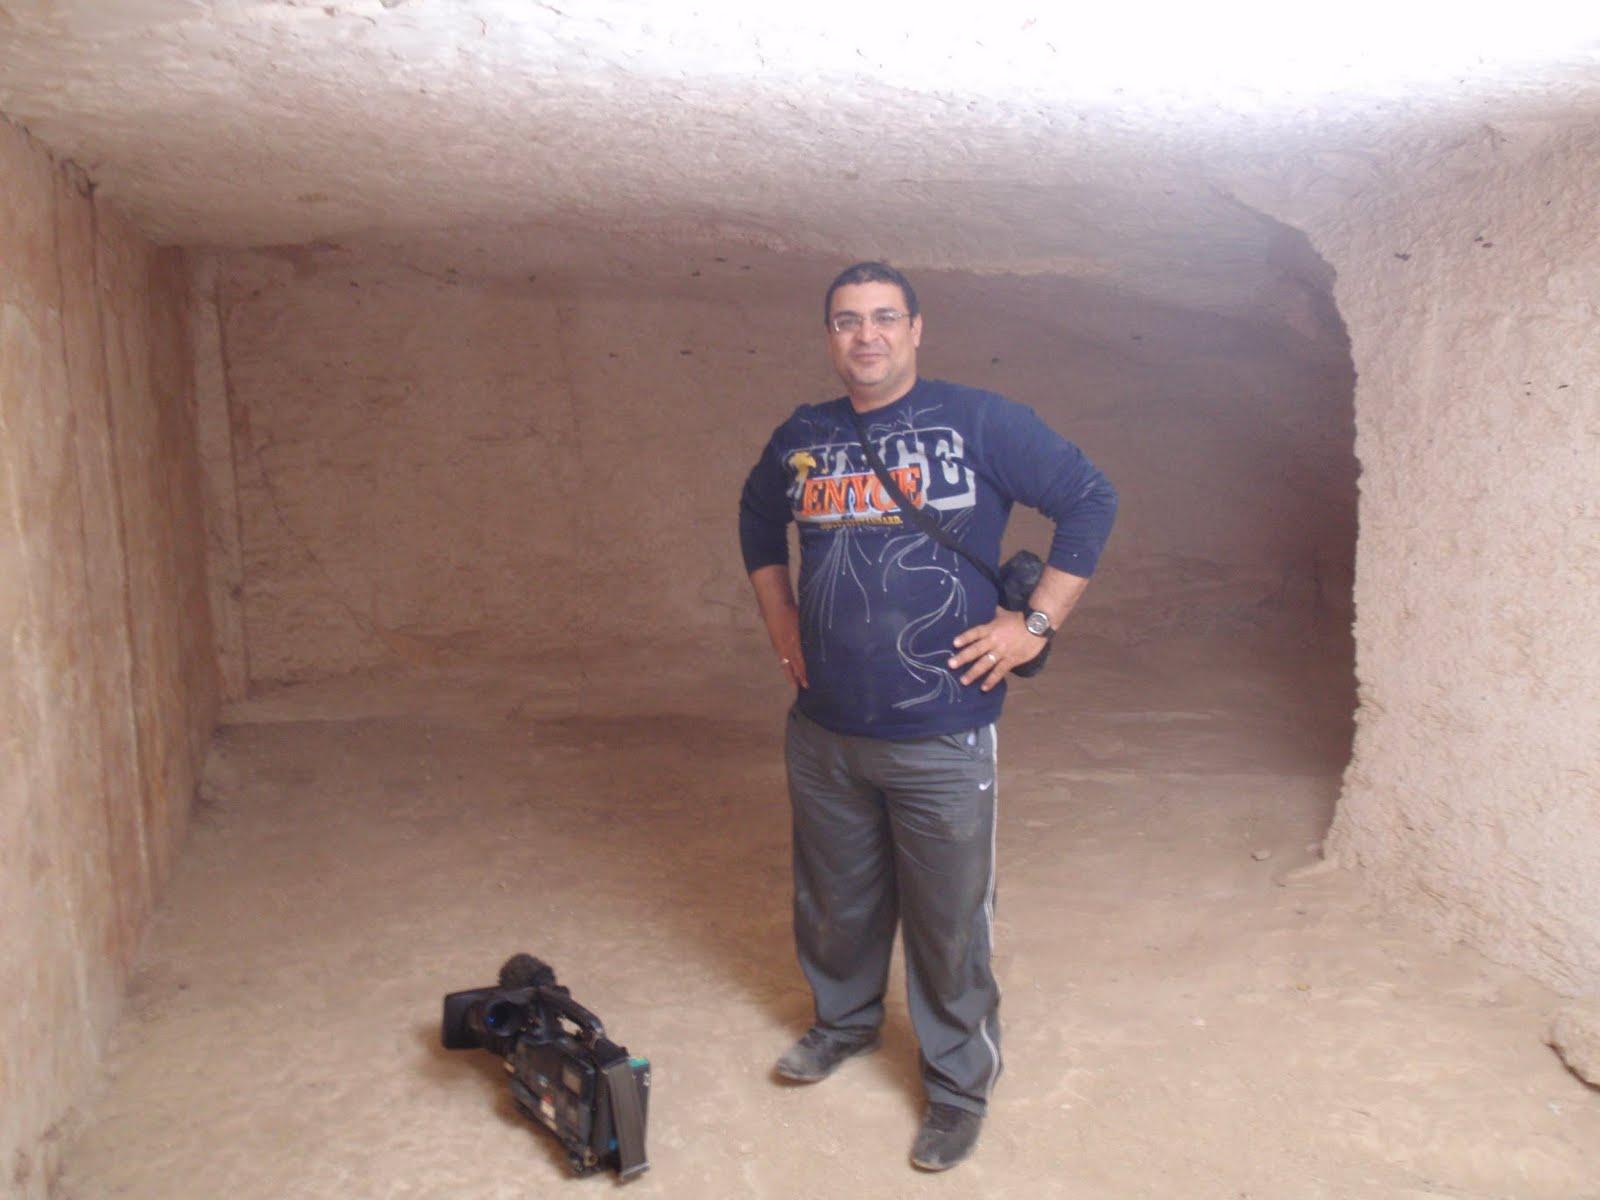 ESRA ESRA: エジプト、ルクソール西岸、王家の谷、イサーム ガラール   エジプト、ルク